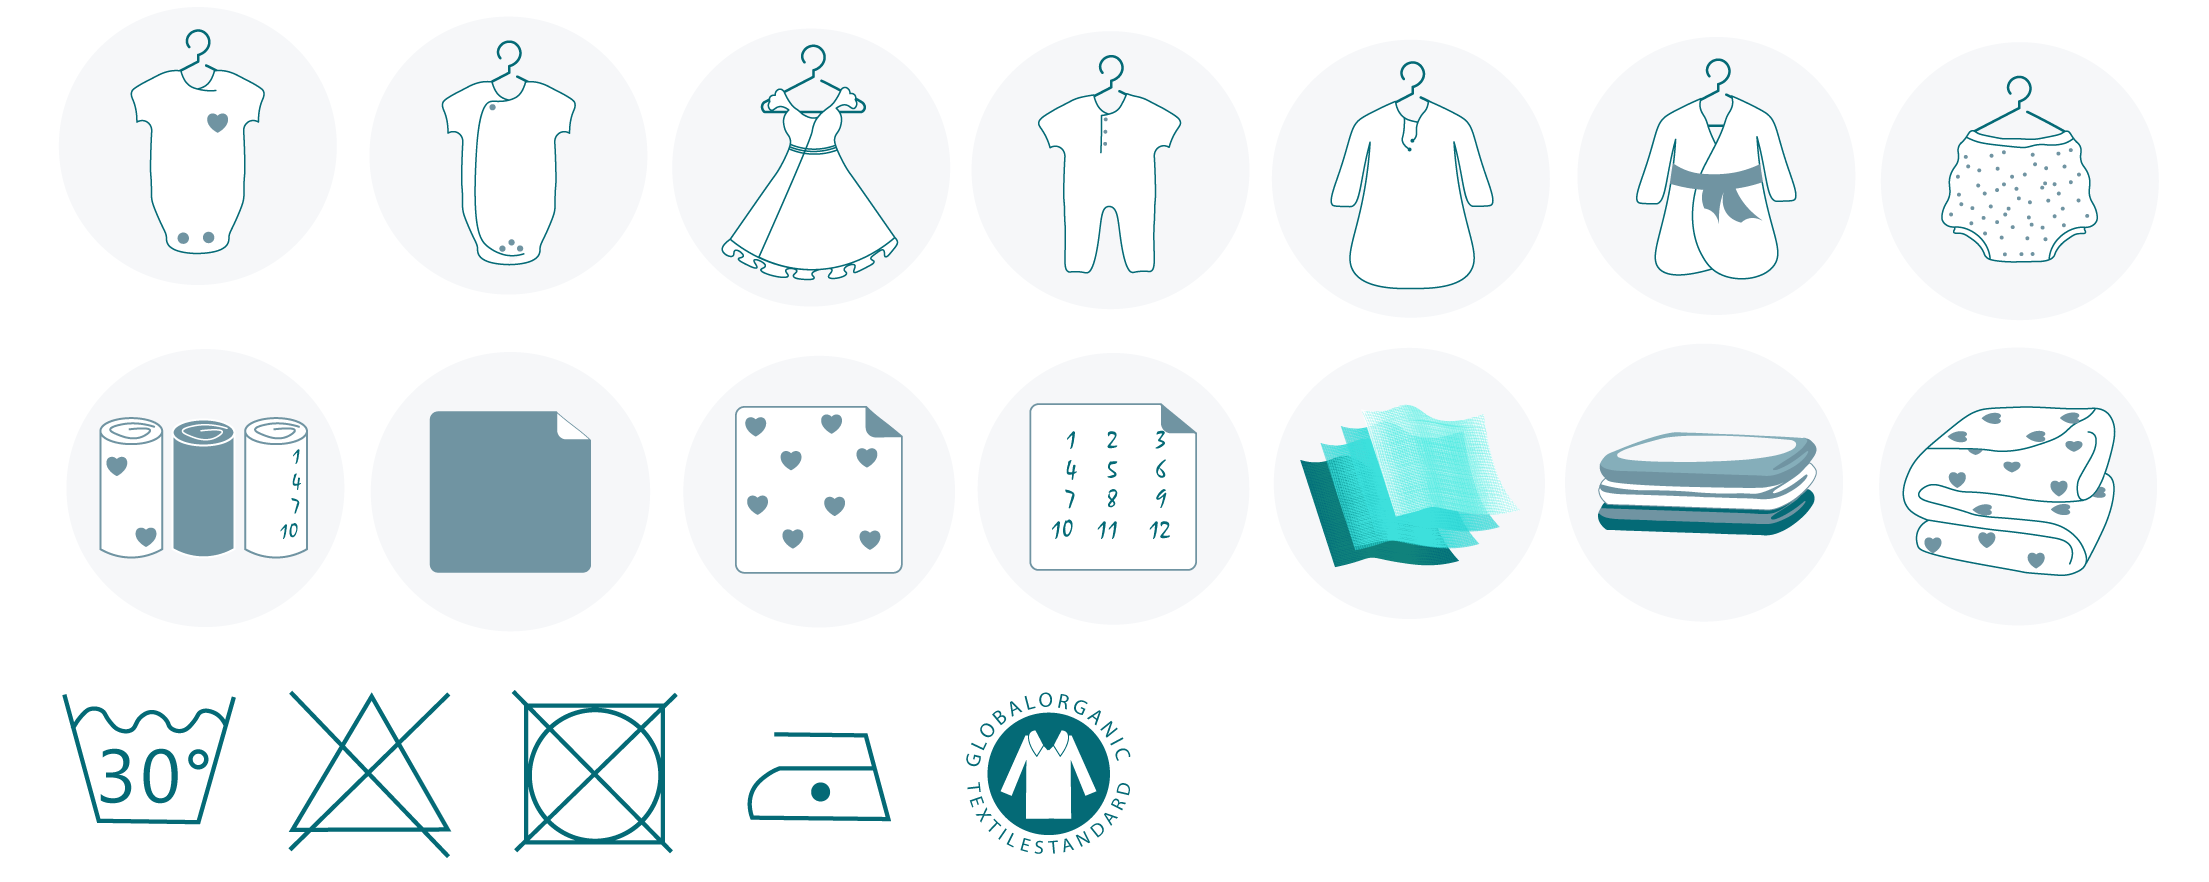 Фото Іконки для категорій товарів інтернет магазину